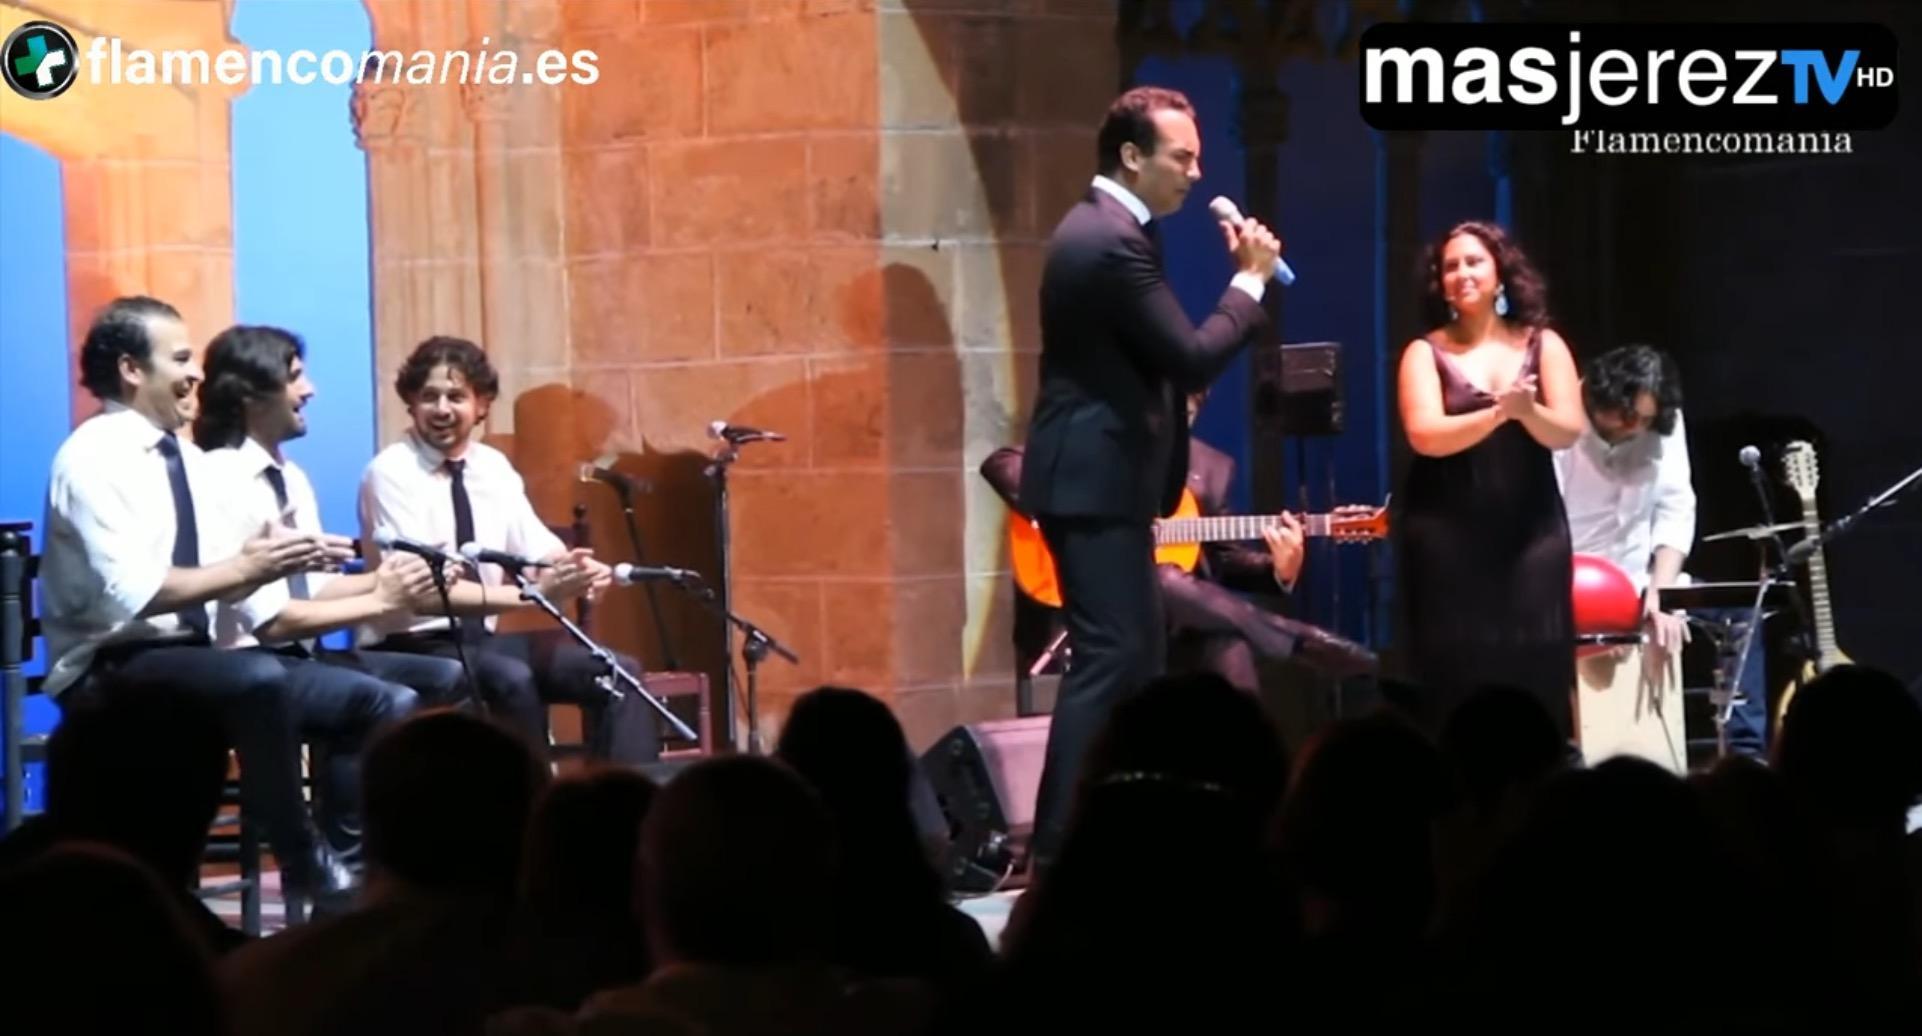 Flamencomanía TV: YoMeQuedoEnCasa - Día 14 - Un sábado por la noche